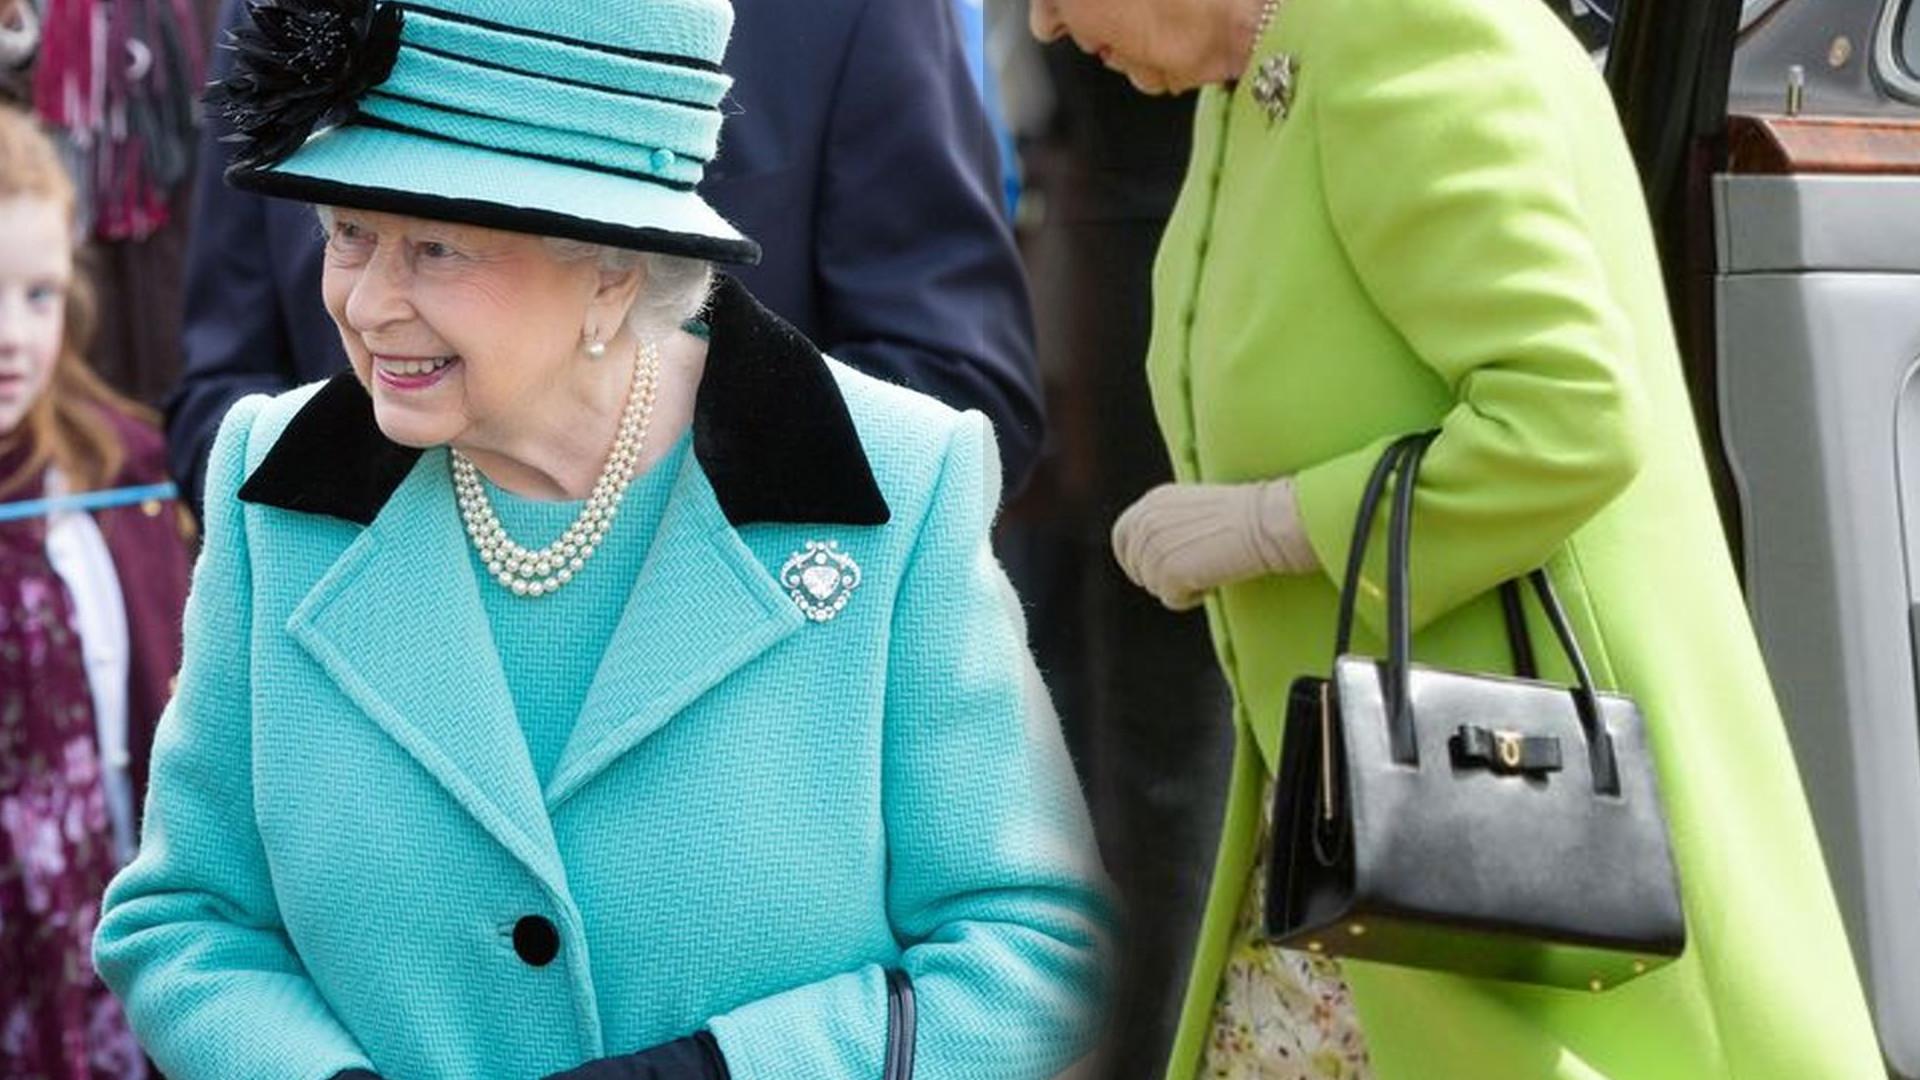 Ujawniono TAJEMNICZĄ zawartość i przeznaczenie torebki królowej Elżbiety